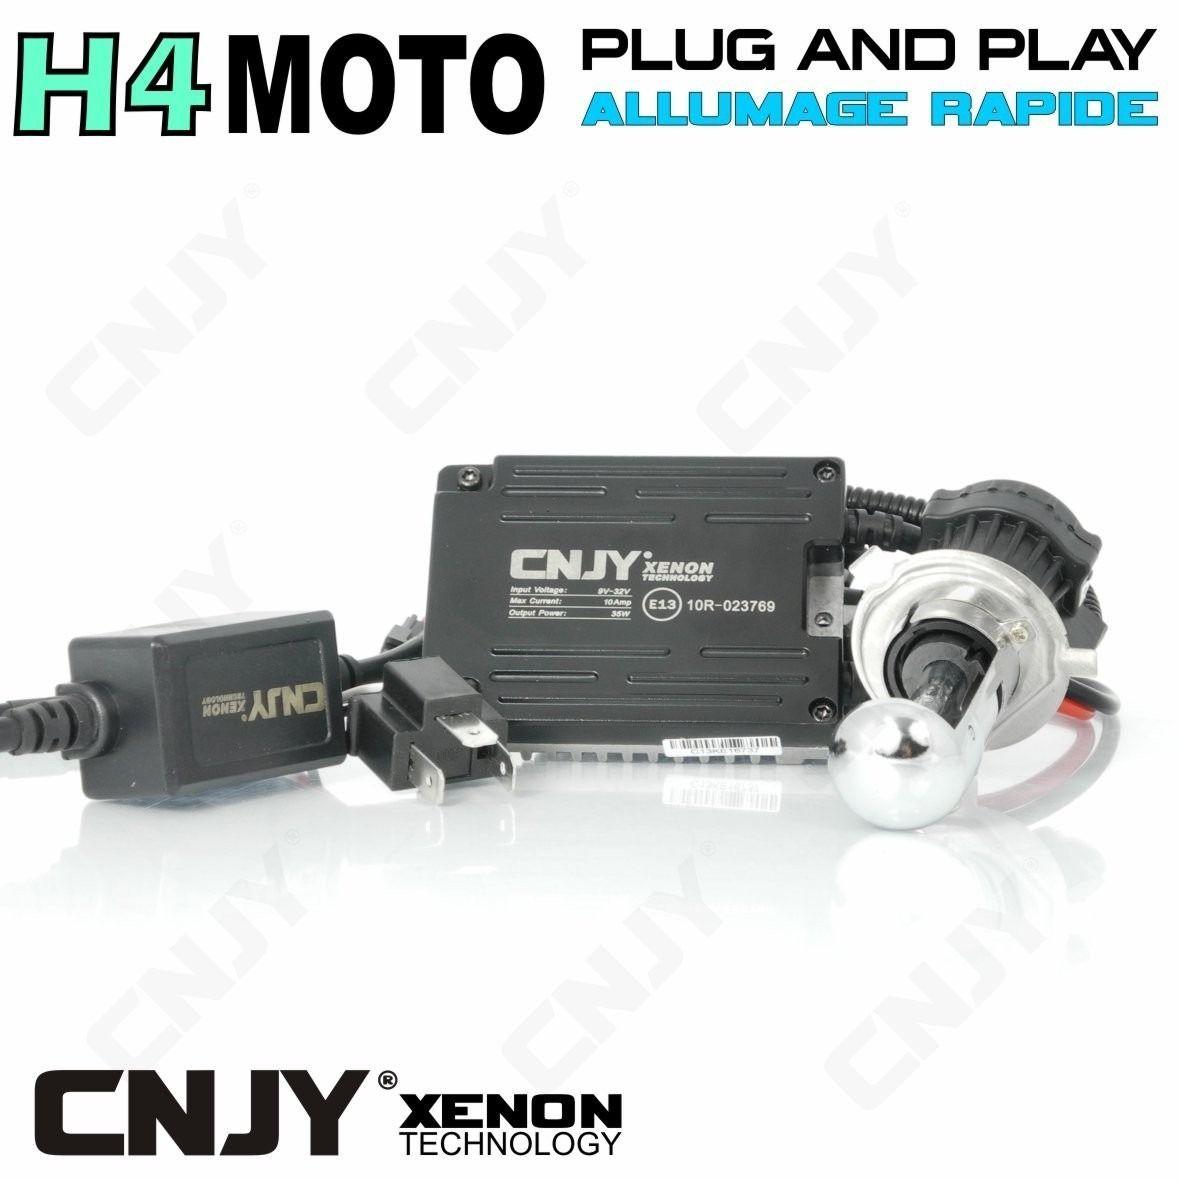 KIT XENON HID SPECIAL MOTO H4 HI LOW BI XENON 5000K 6000K 8000K 10000K